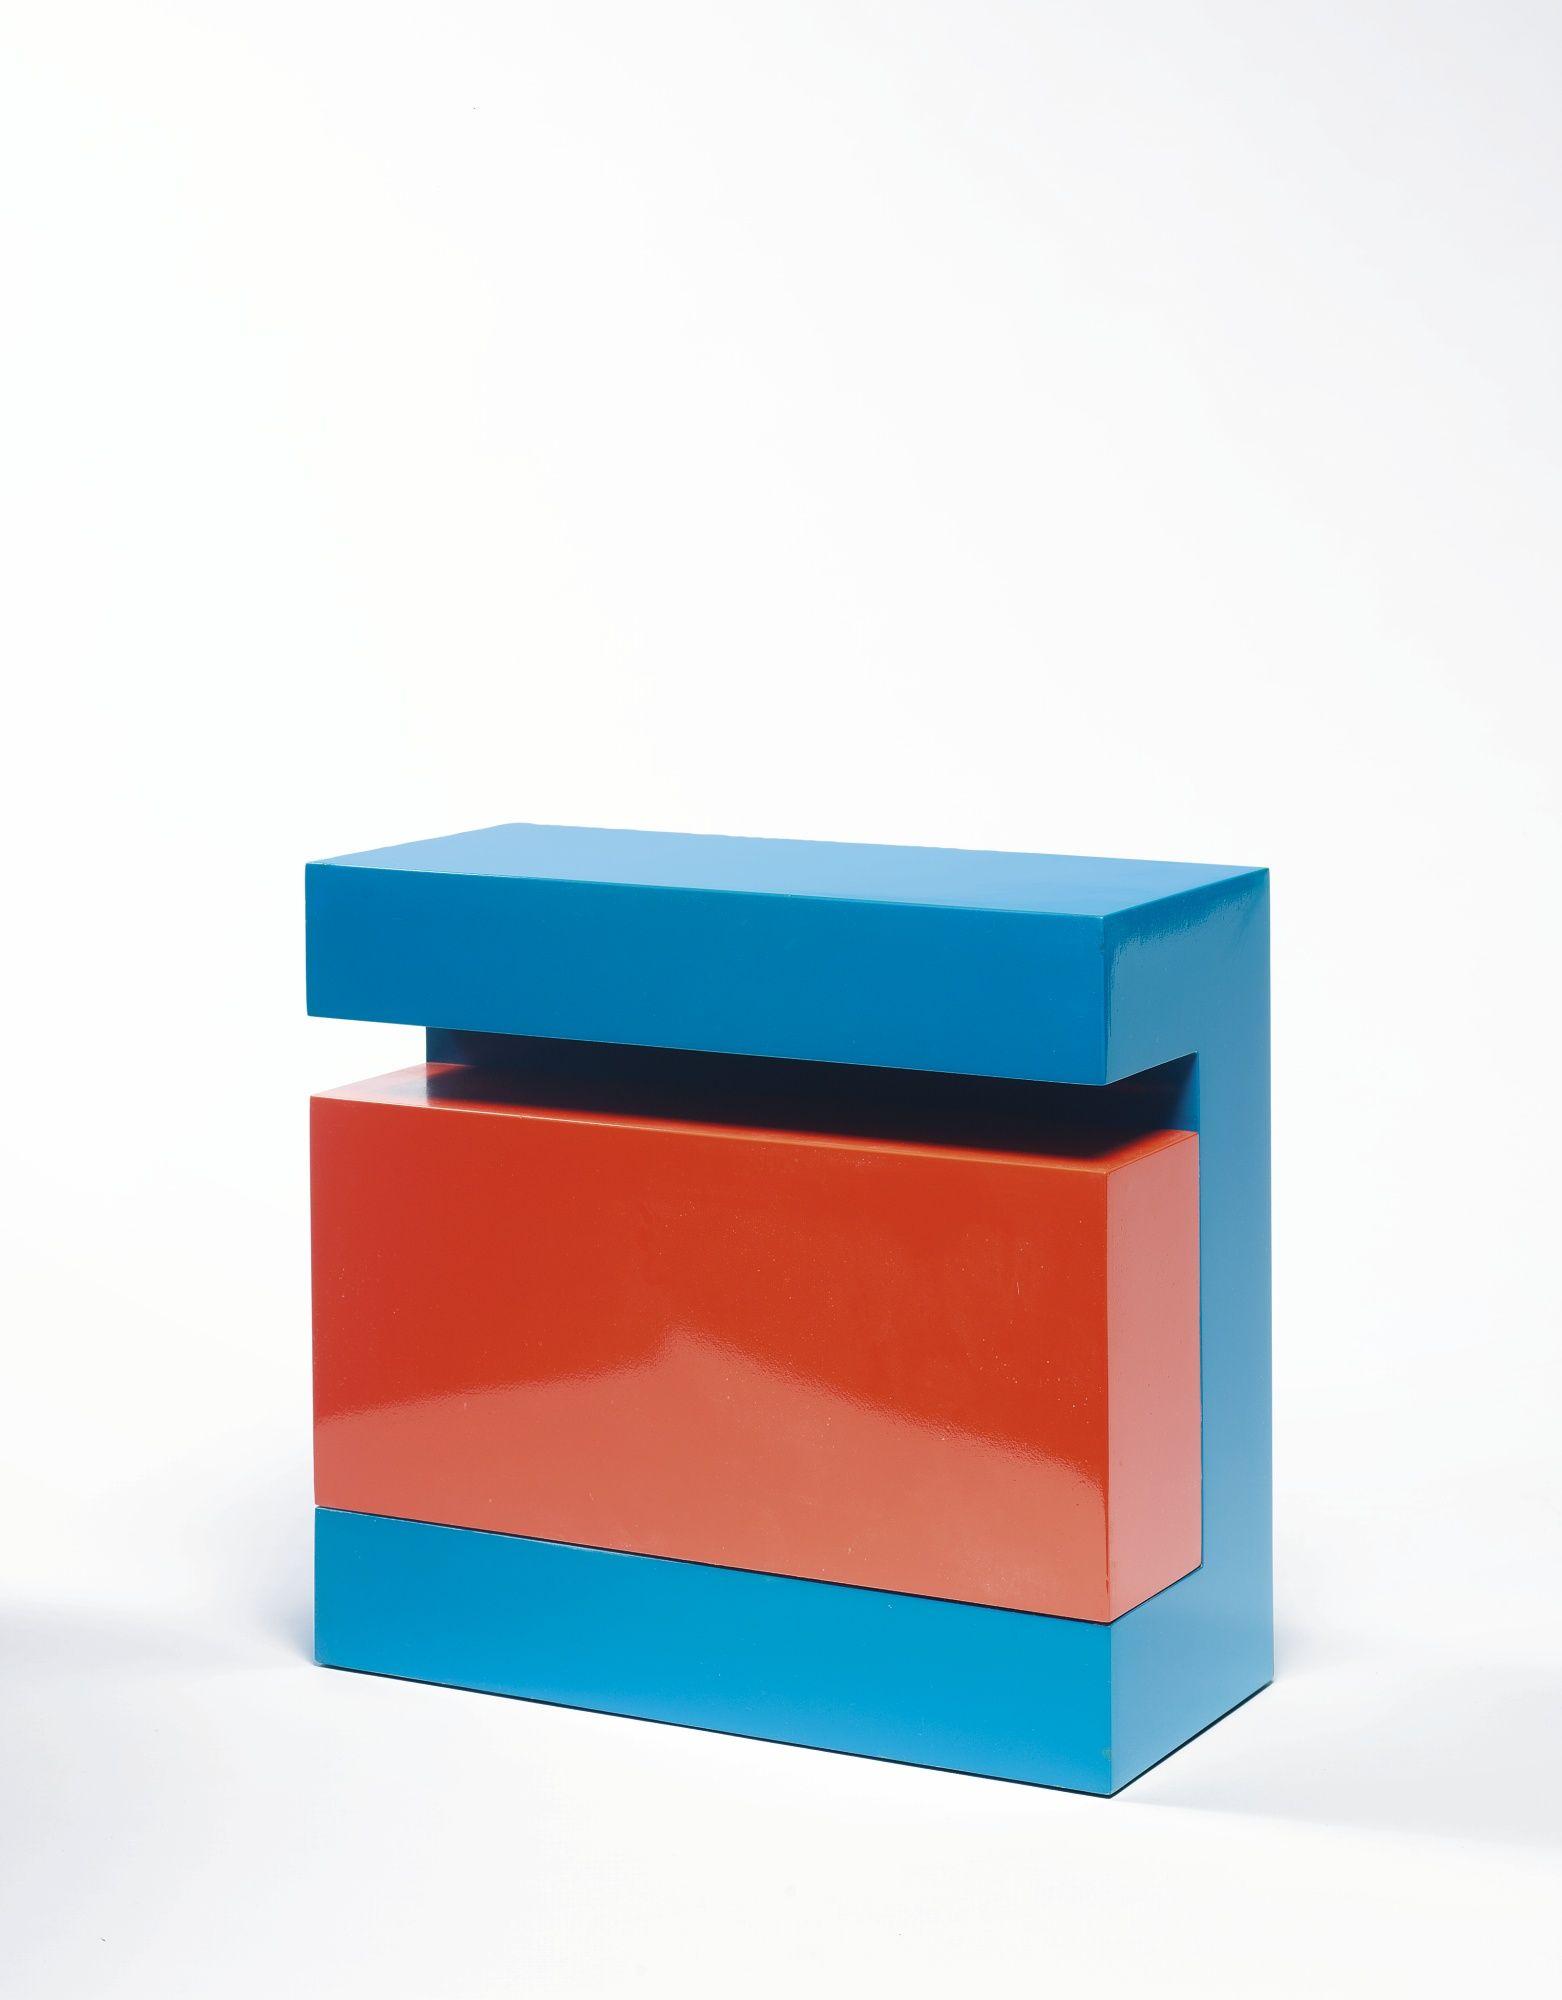 John McCracken, IOS (1965): Sotheby's May'15